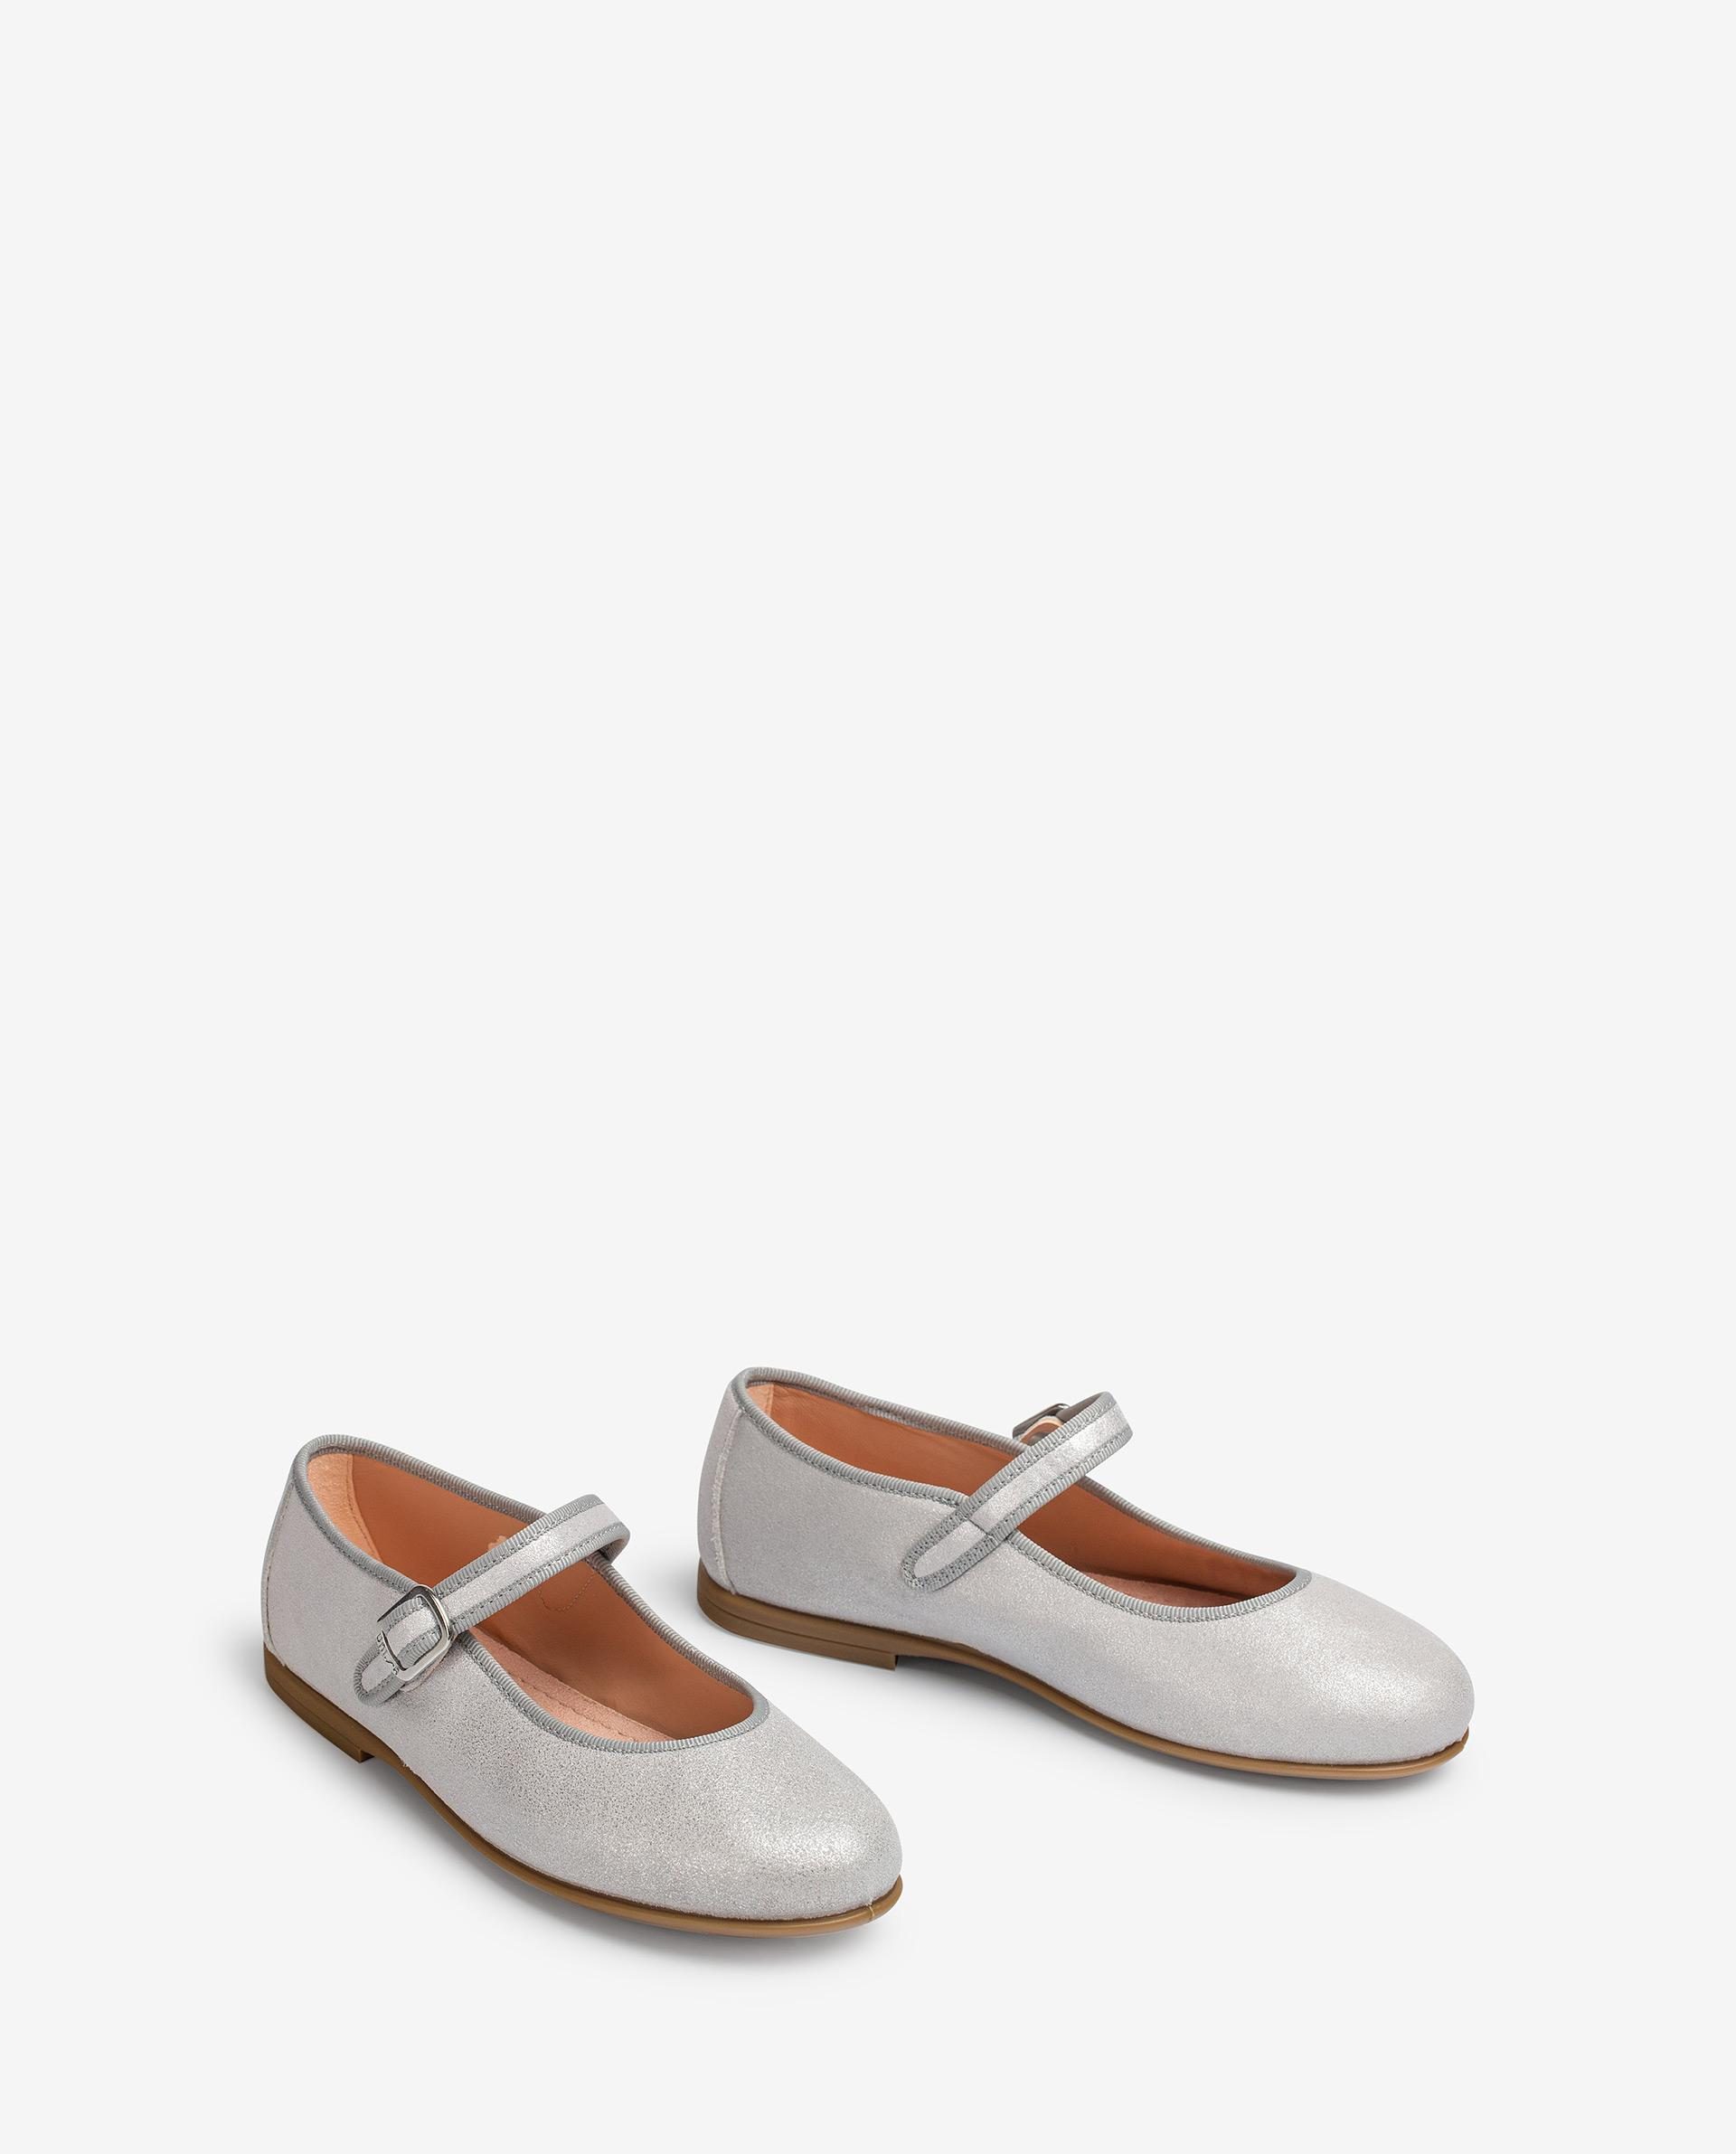 UNISA Little girl´s metal effect leather Mary Jane shoes SEYLA_21_MTS 2